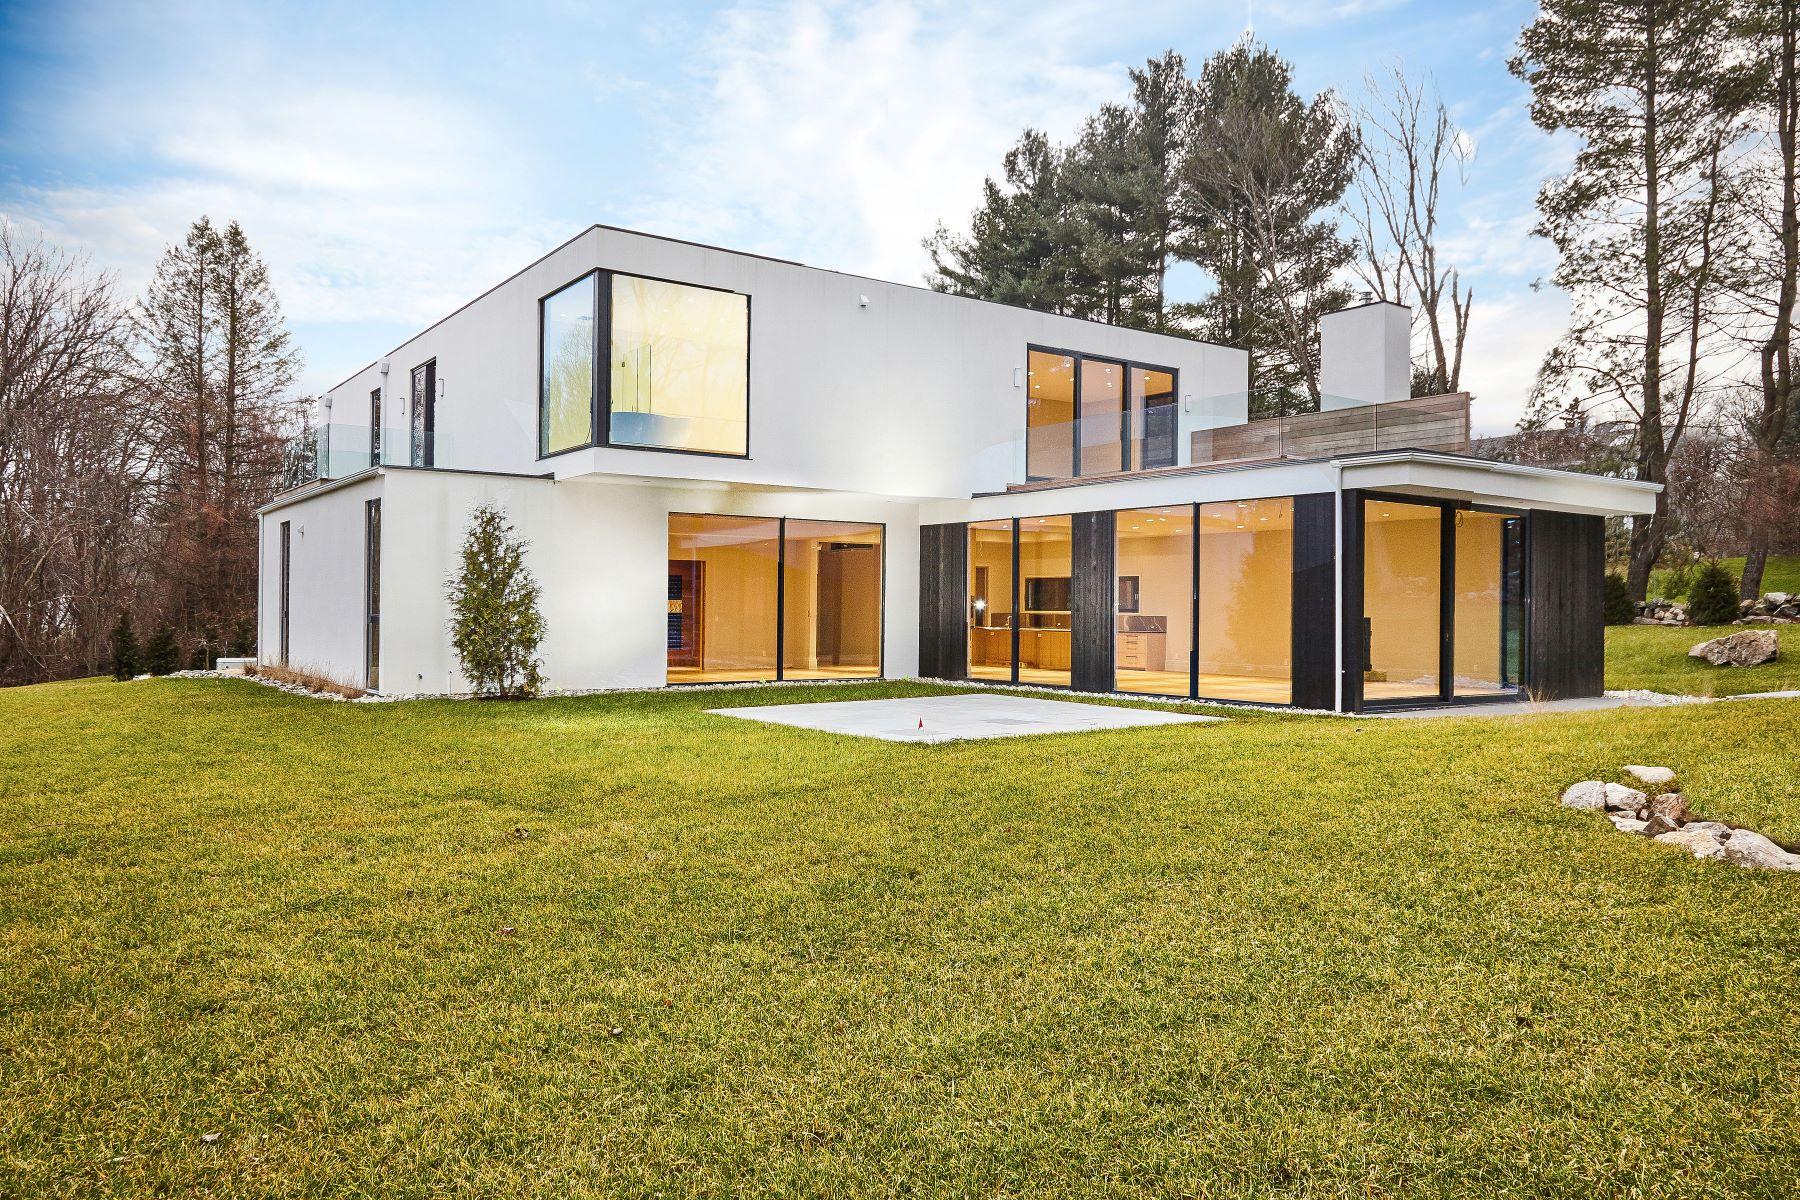 Casa Unifamiliar por un Venta en Complete Privacy in a Park-like Setting 175a Cross Highway Westport, Connecticut 06880 Estados Unidos